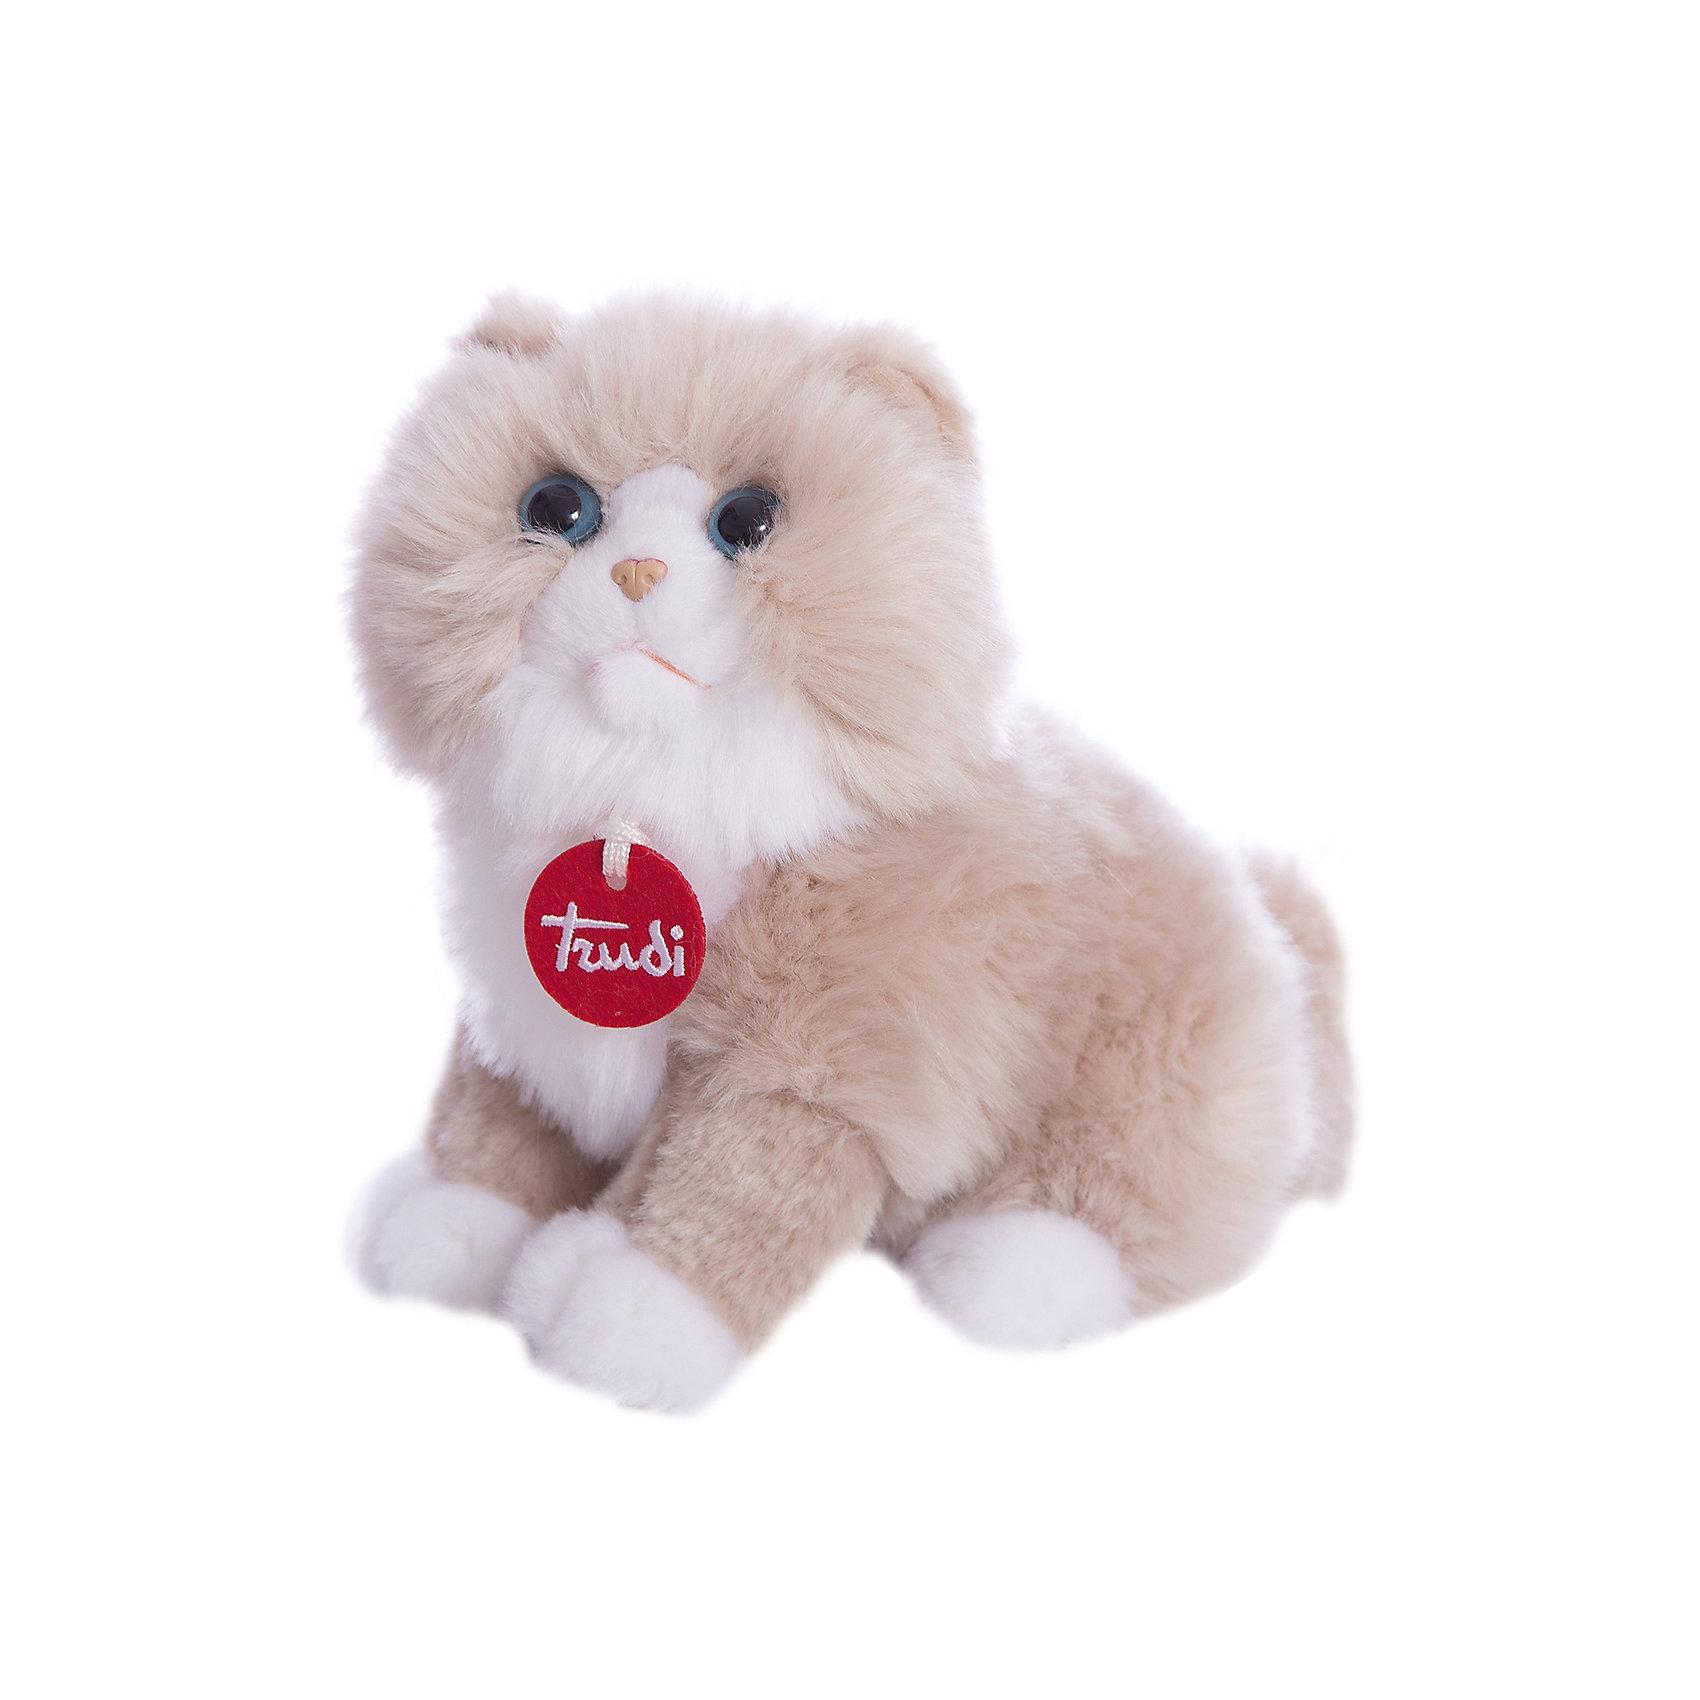 Персидская кошка, 23 см, TrudiОчаровательная персидская кошка, Trudi станет лучшим другом малыша. Игрушка изготовлена из качественных материалов, безопасных для ребенка. Кошка сидит и улыбается в ожидании веселой игры. Милая персидская кошка отлично дополнит интерьер детской комнаты и поможет развить мелкую моторику и тактильные навыки крохи.<br><br>Дополнительная информация:<br>Материал: текстиль, пластик<br>Размер: 23 см<br><br>Вы можете приобрести персидскую кошку, Trudi в нашем интернет-магазине.<br><br>Ширина мм: 228<br>Глубина мм: 167<br>Высота мм: 121<br>Вес г: 123<br>Возраст от месяцев: 12<br>Возраст до месяцев: 60<br>Пол: Унисекс<br>Возраст: Детский<br>SKU: 4601416